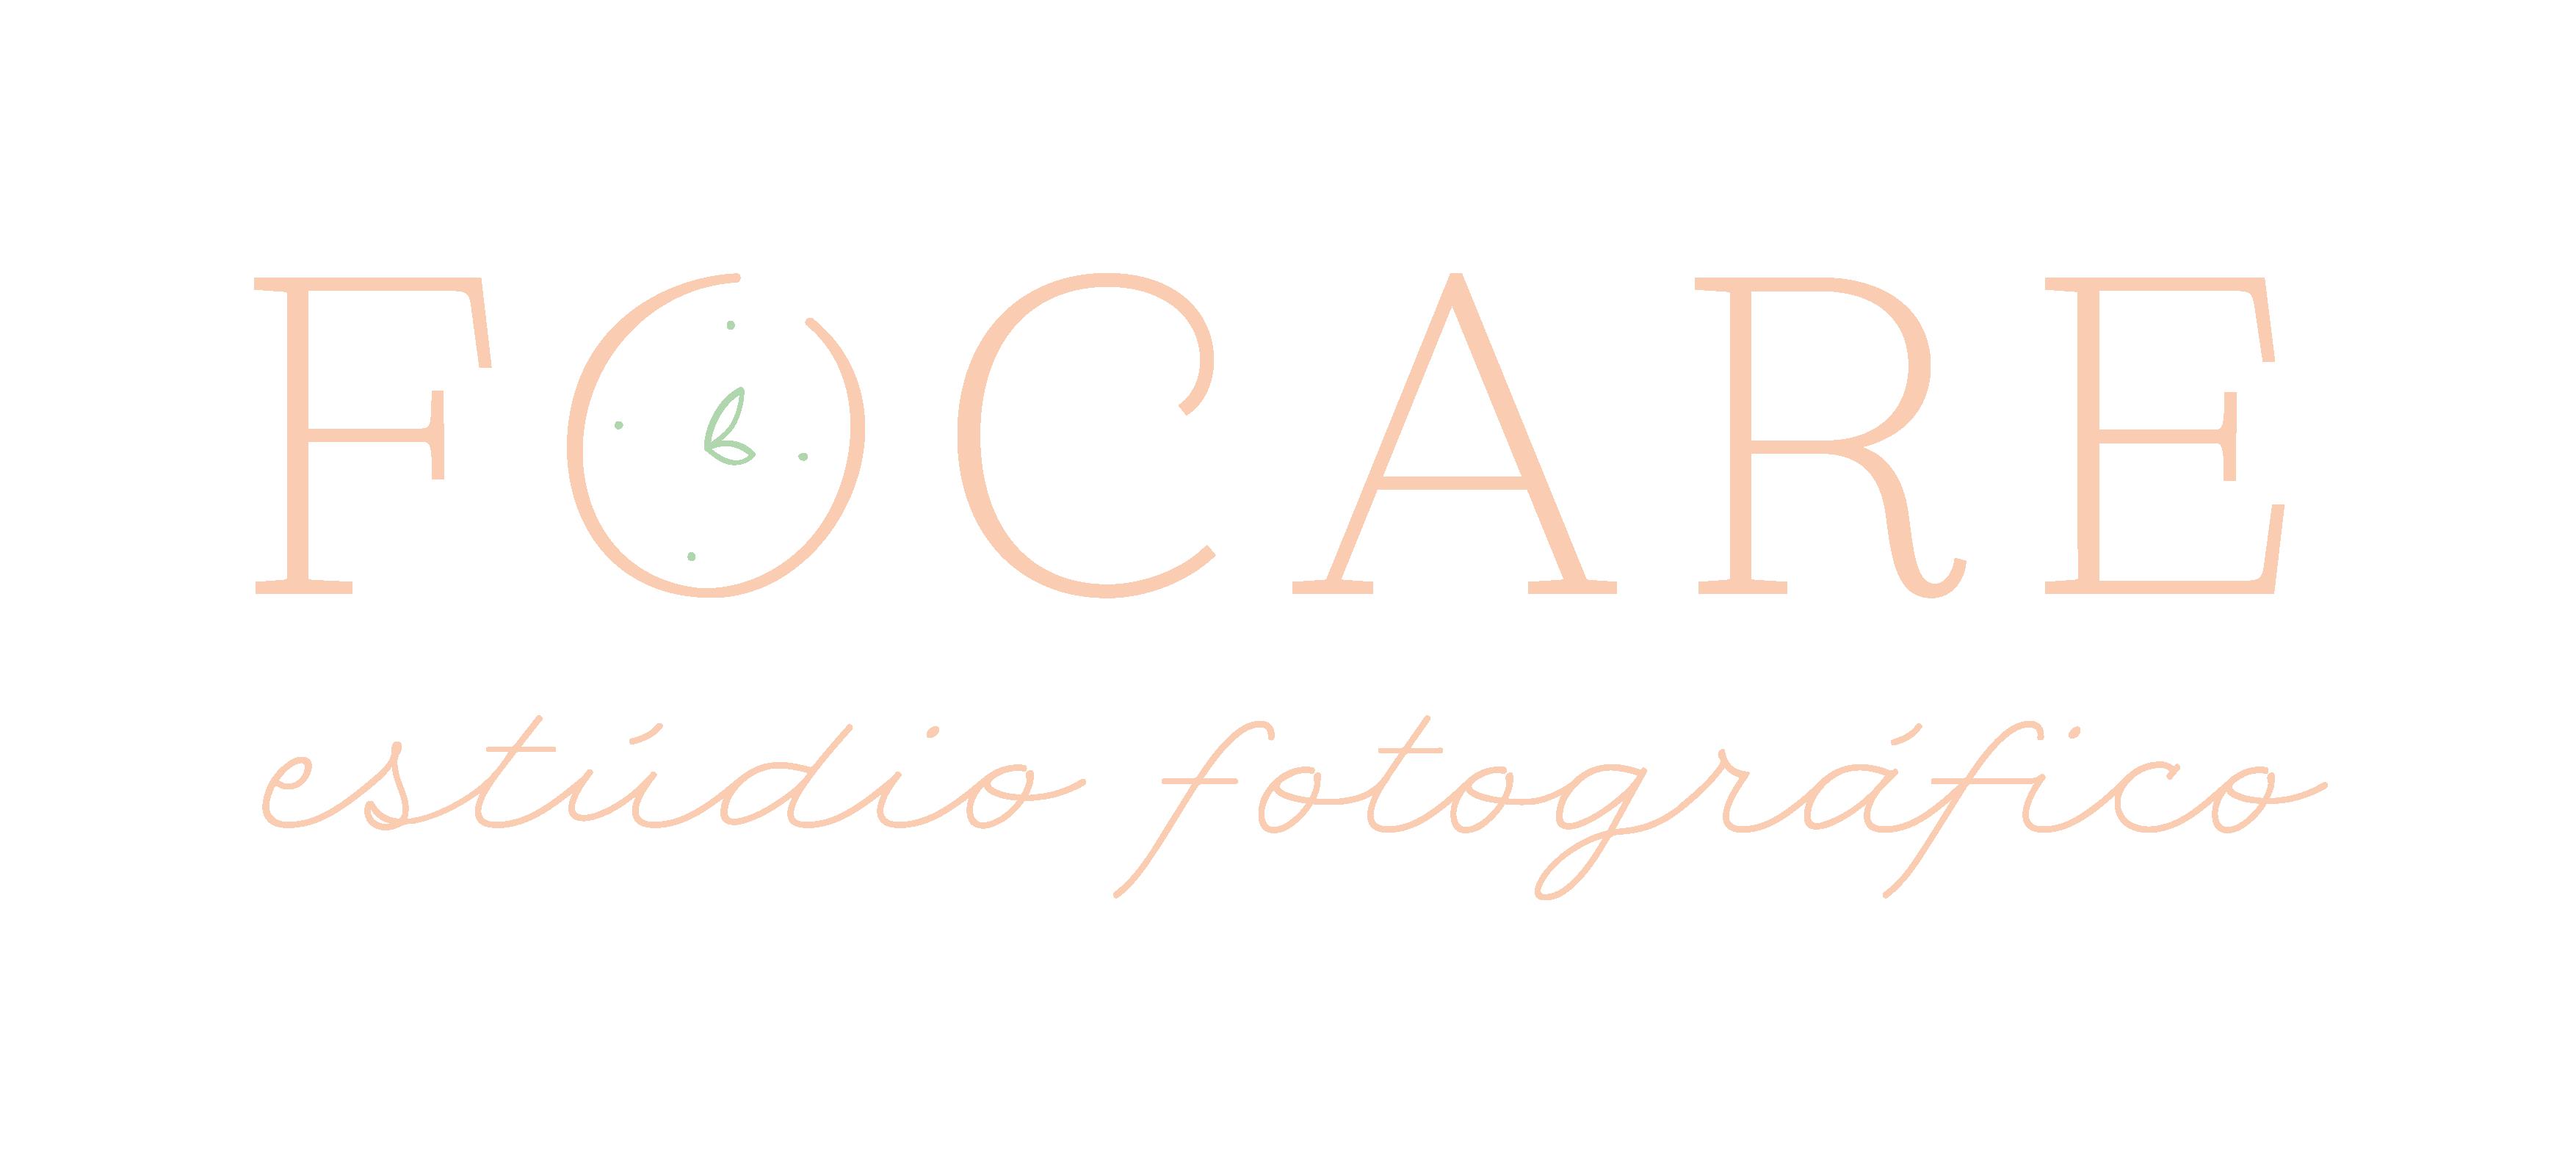 Contate Focare - Estúdio fotográfico - Canoas - RS